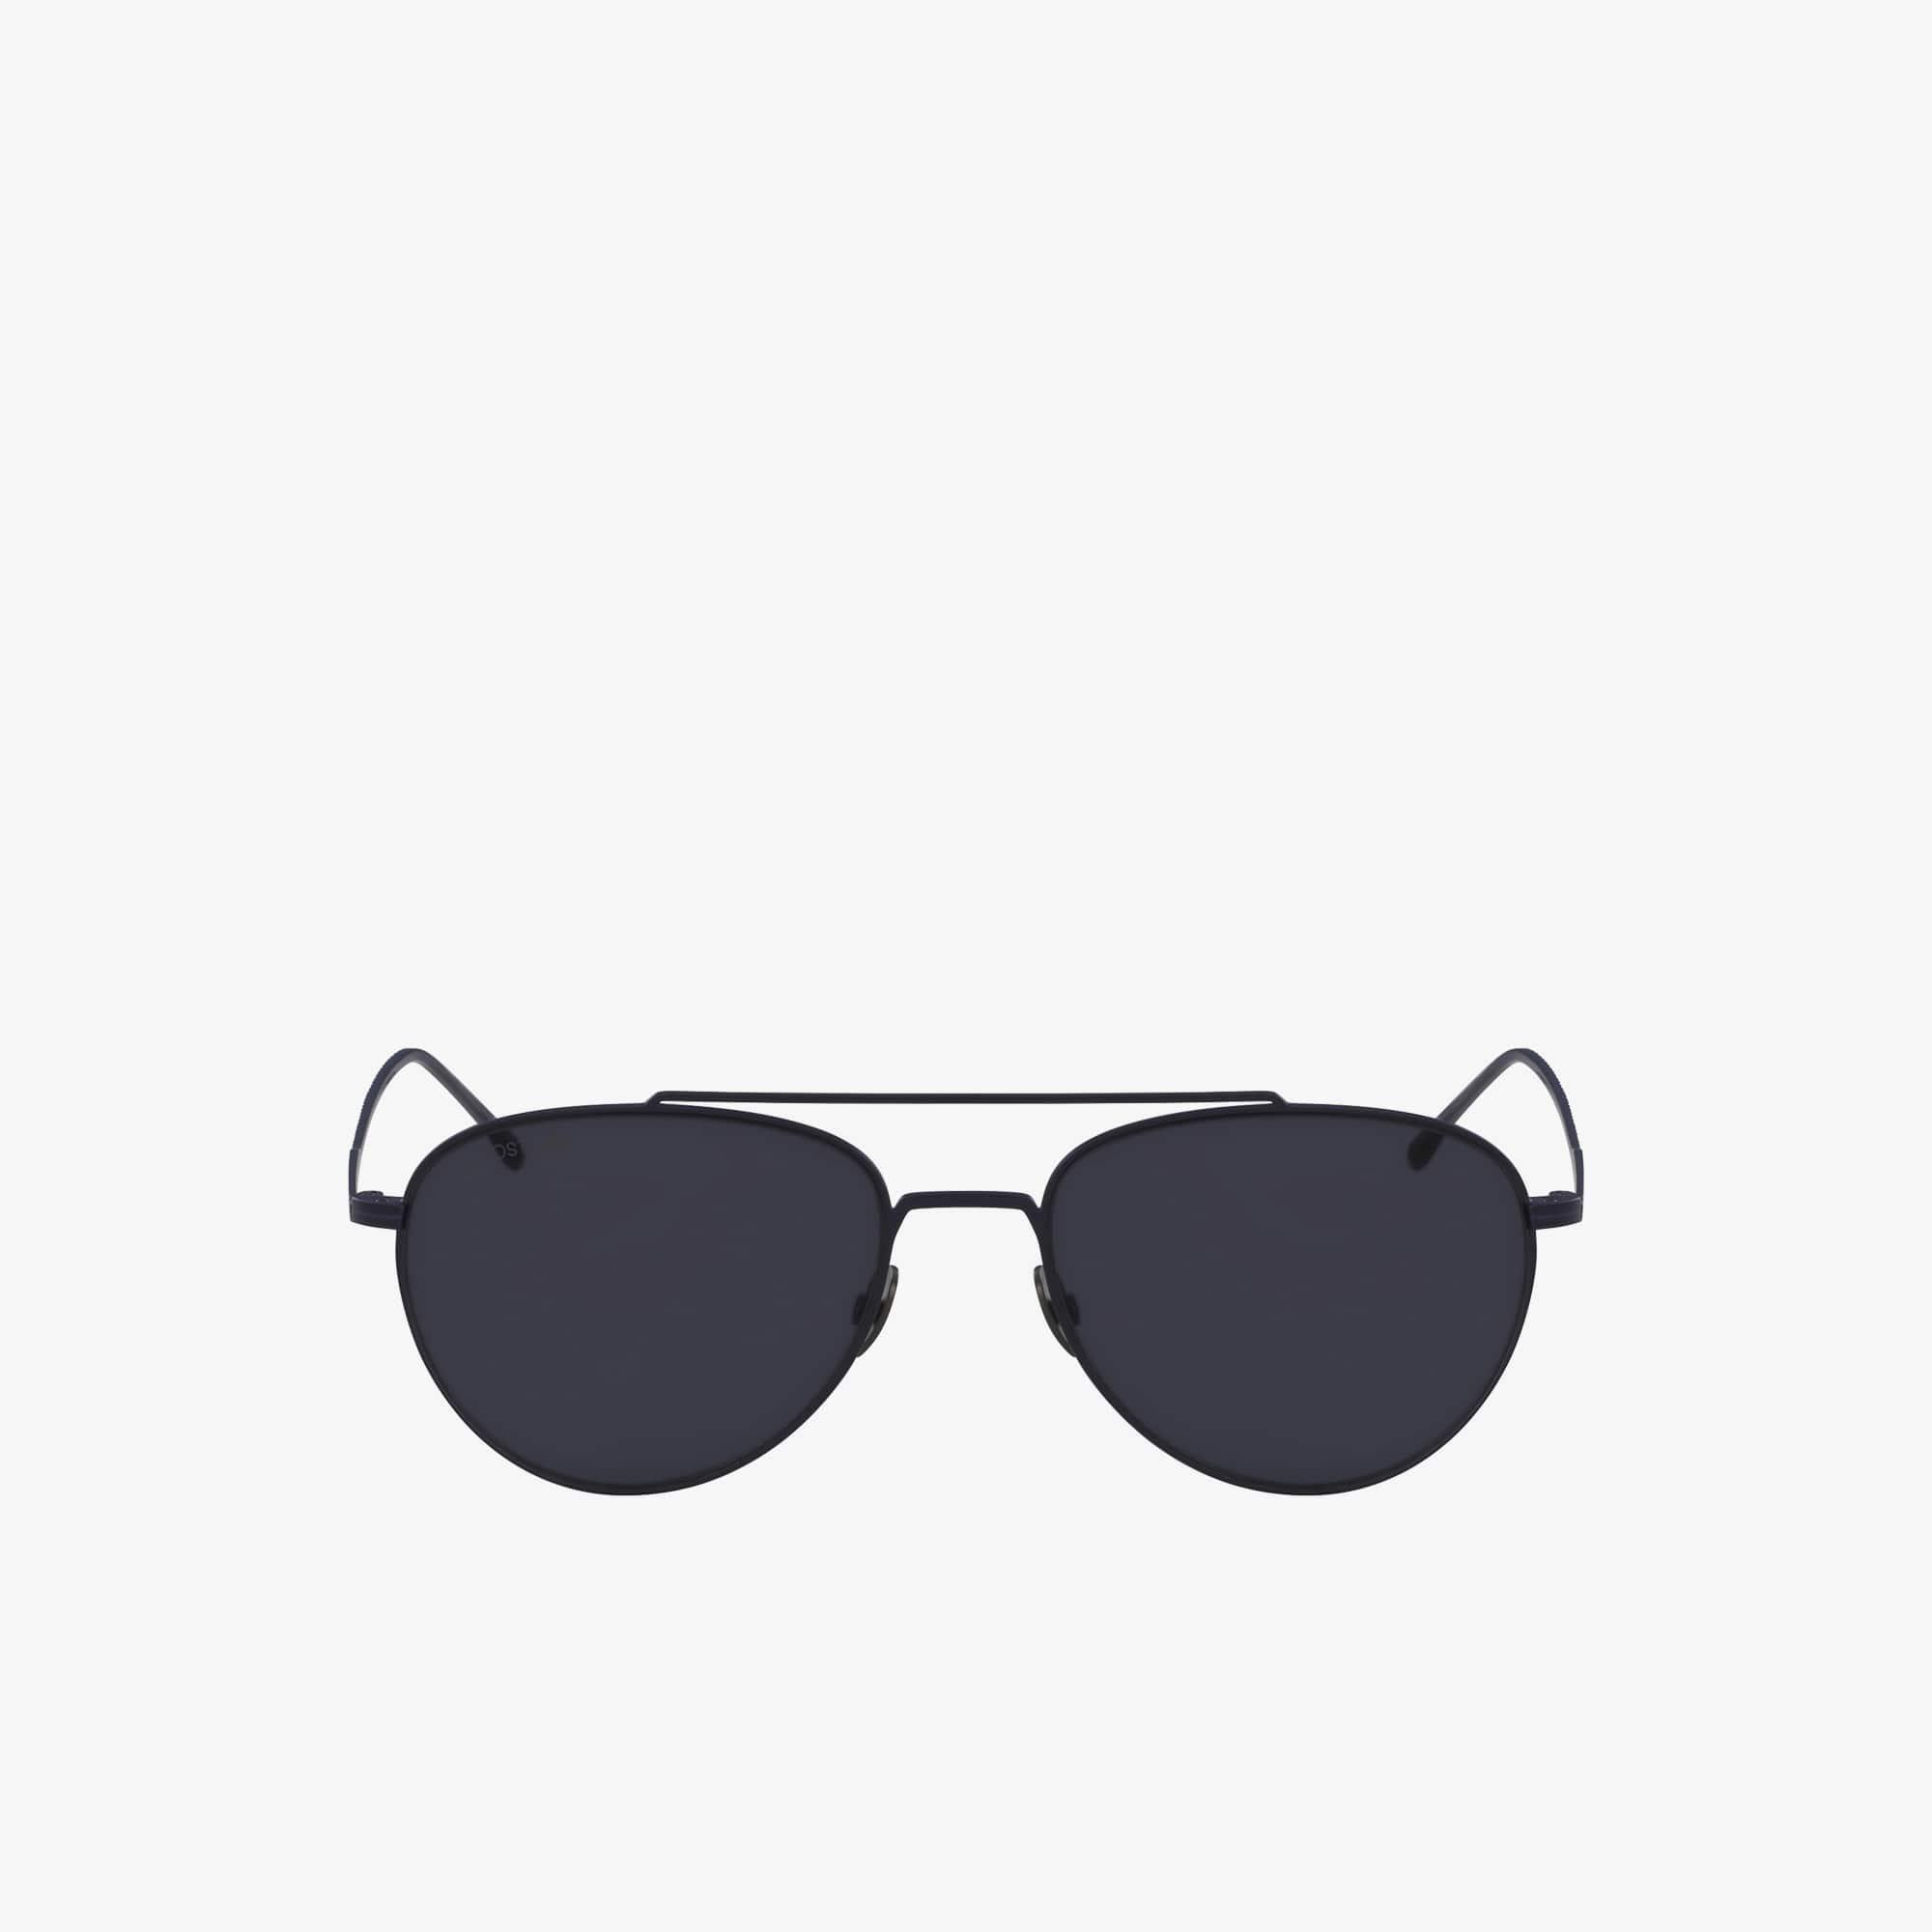 ccd700c104 Unisex Petit Piqué Sunglasses with Metal Frames